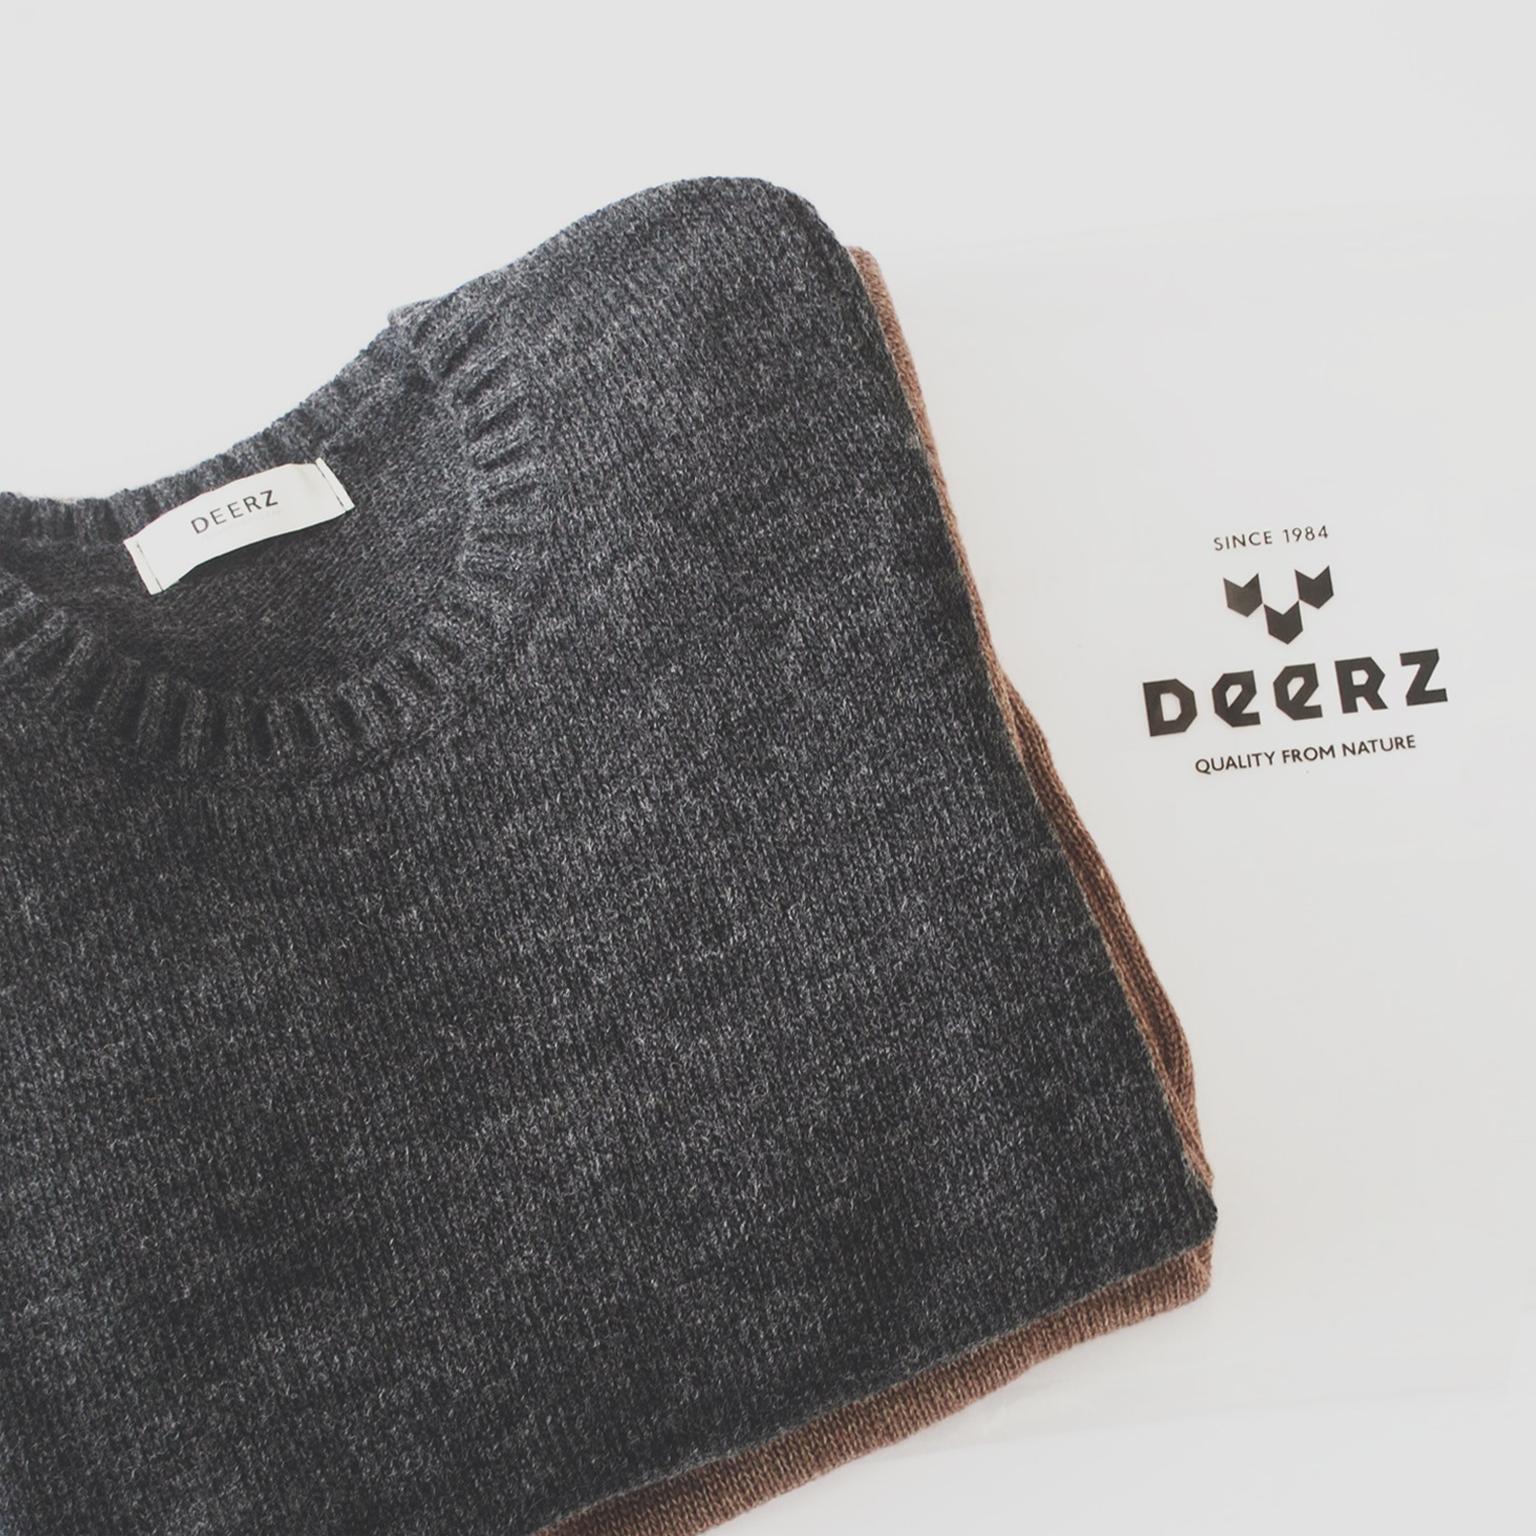 Deerz